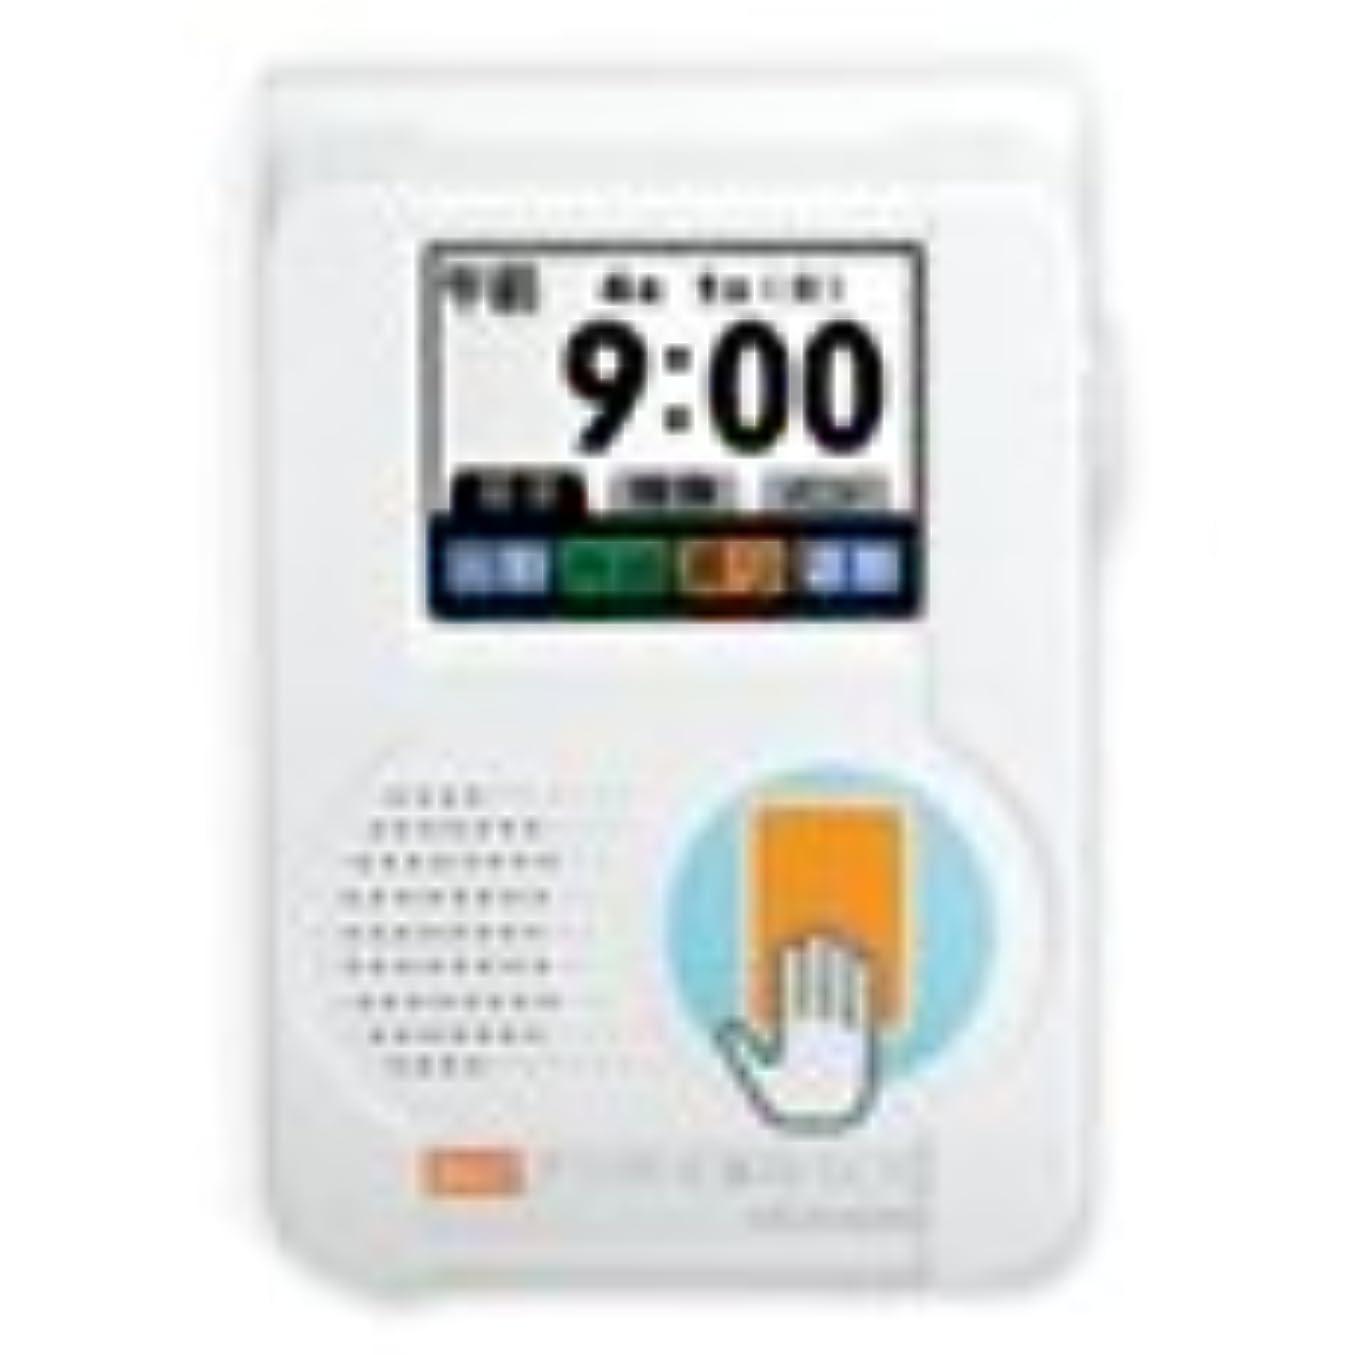 フィード持っているシーケンスマックス ICタイムレコーダER-IC1000F ER-IC1000F